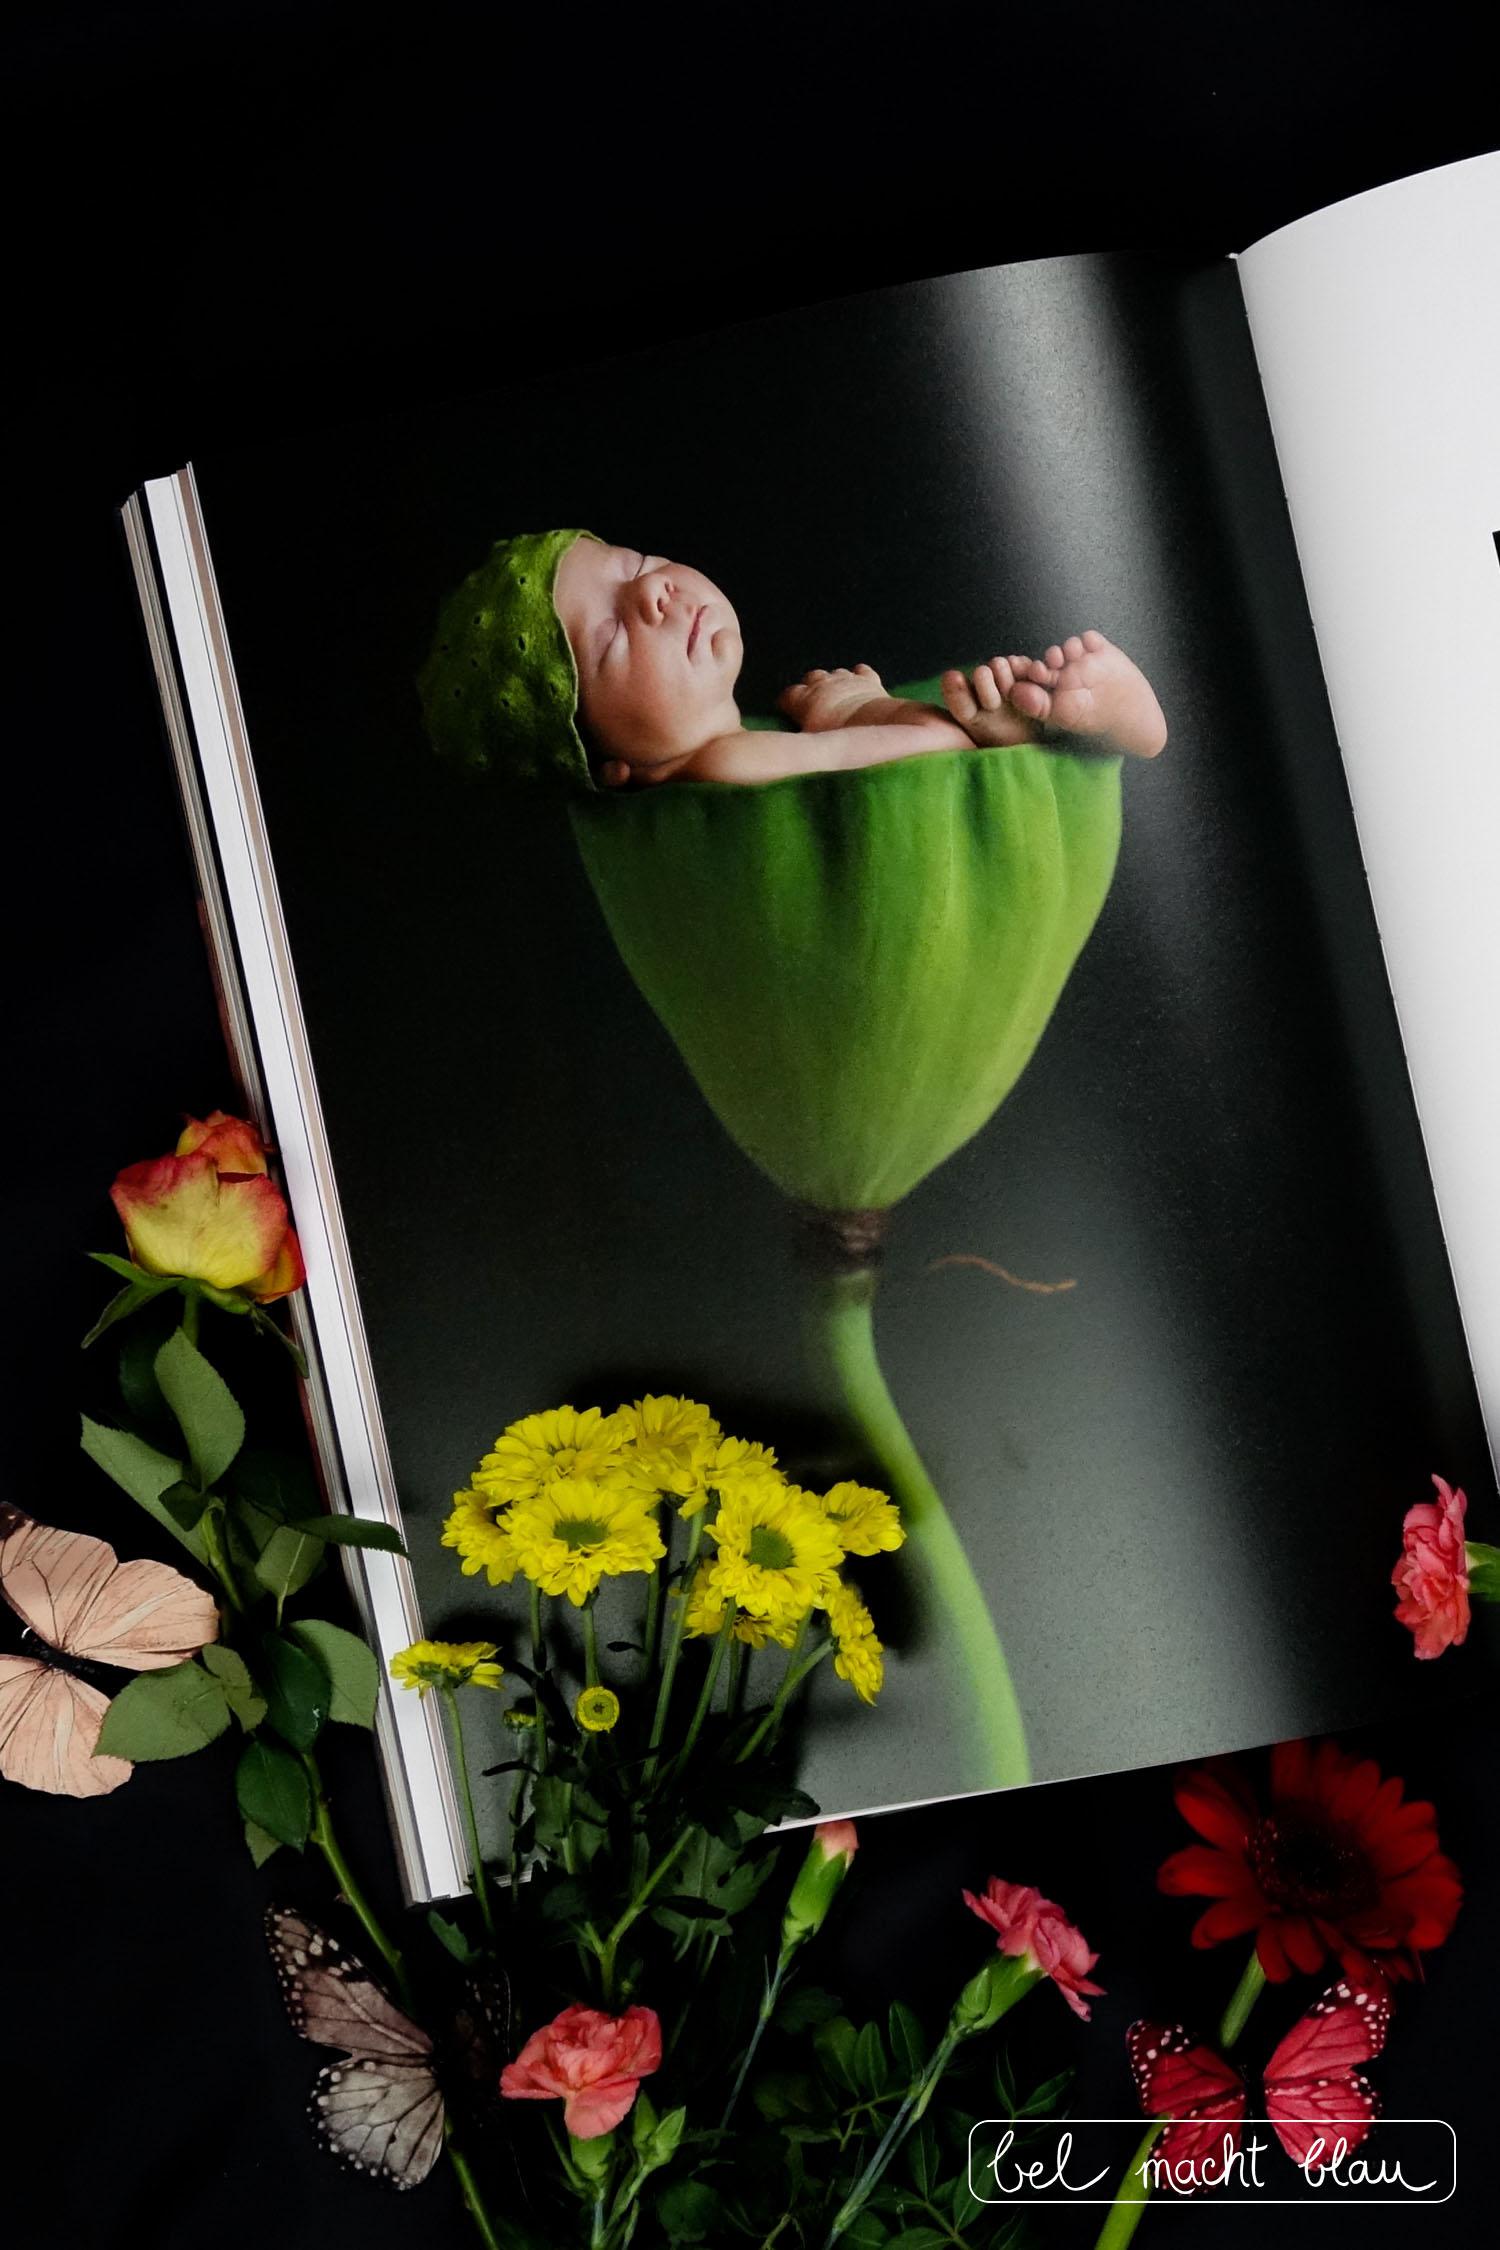 Annes Geddes Small World // Buchtipp zum Muttertag // Babyfotografie // Blumen